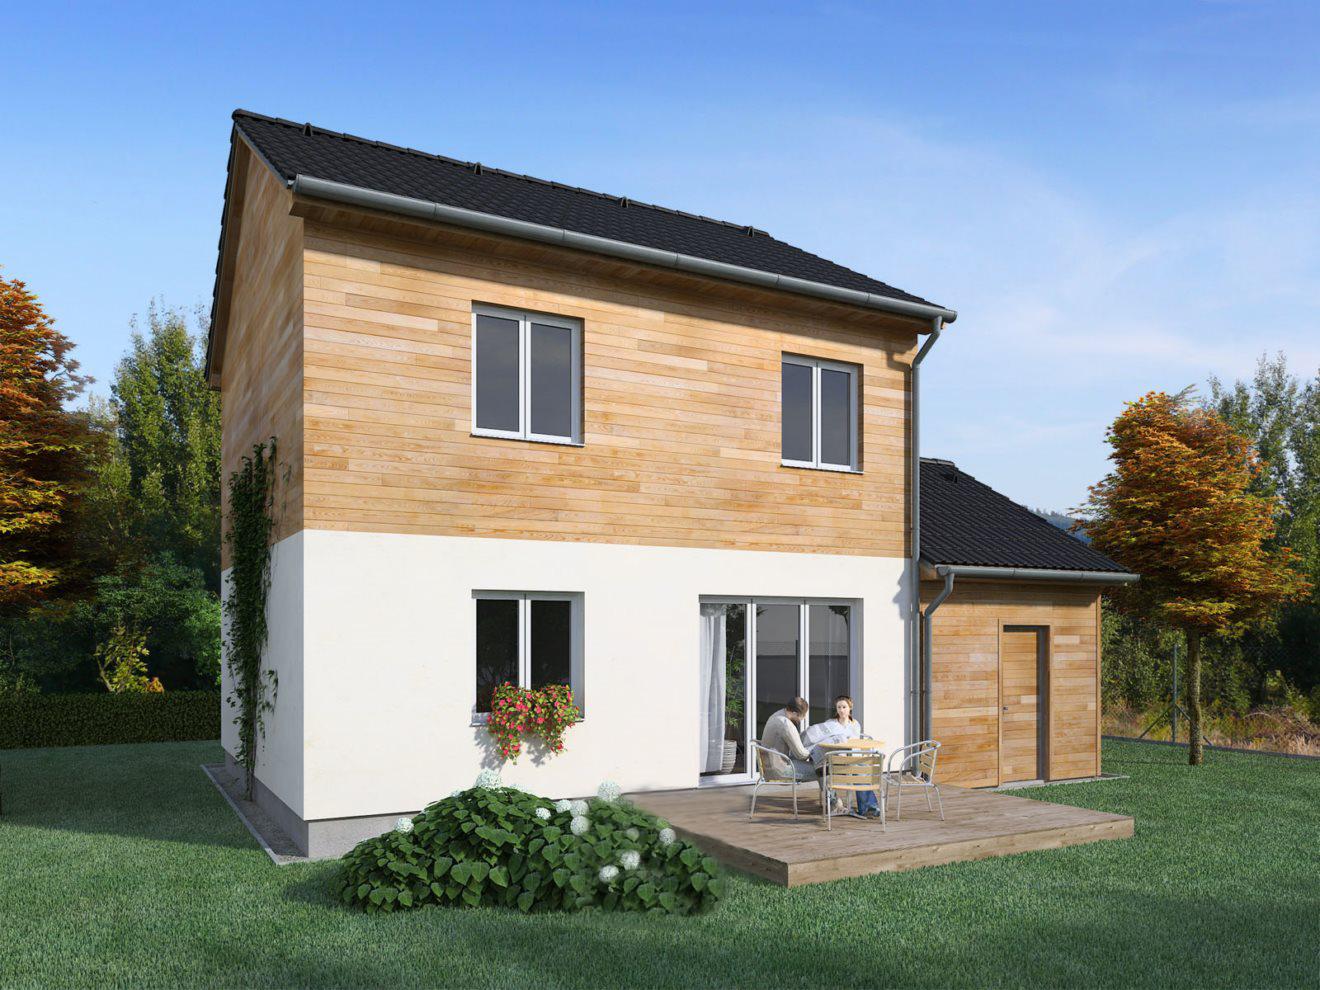 Construction de maison en bois chalon sur saone artisanat de france for La maison des artisans